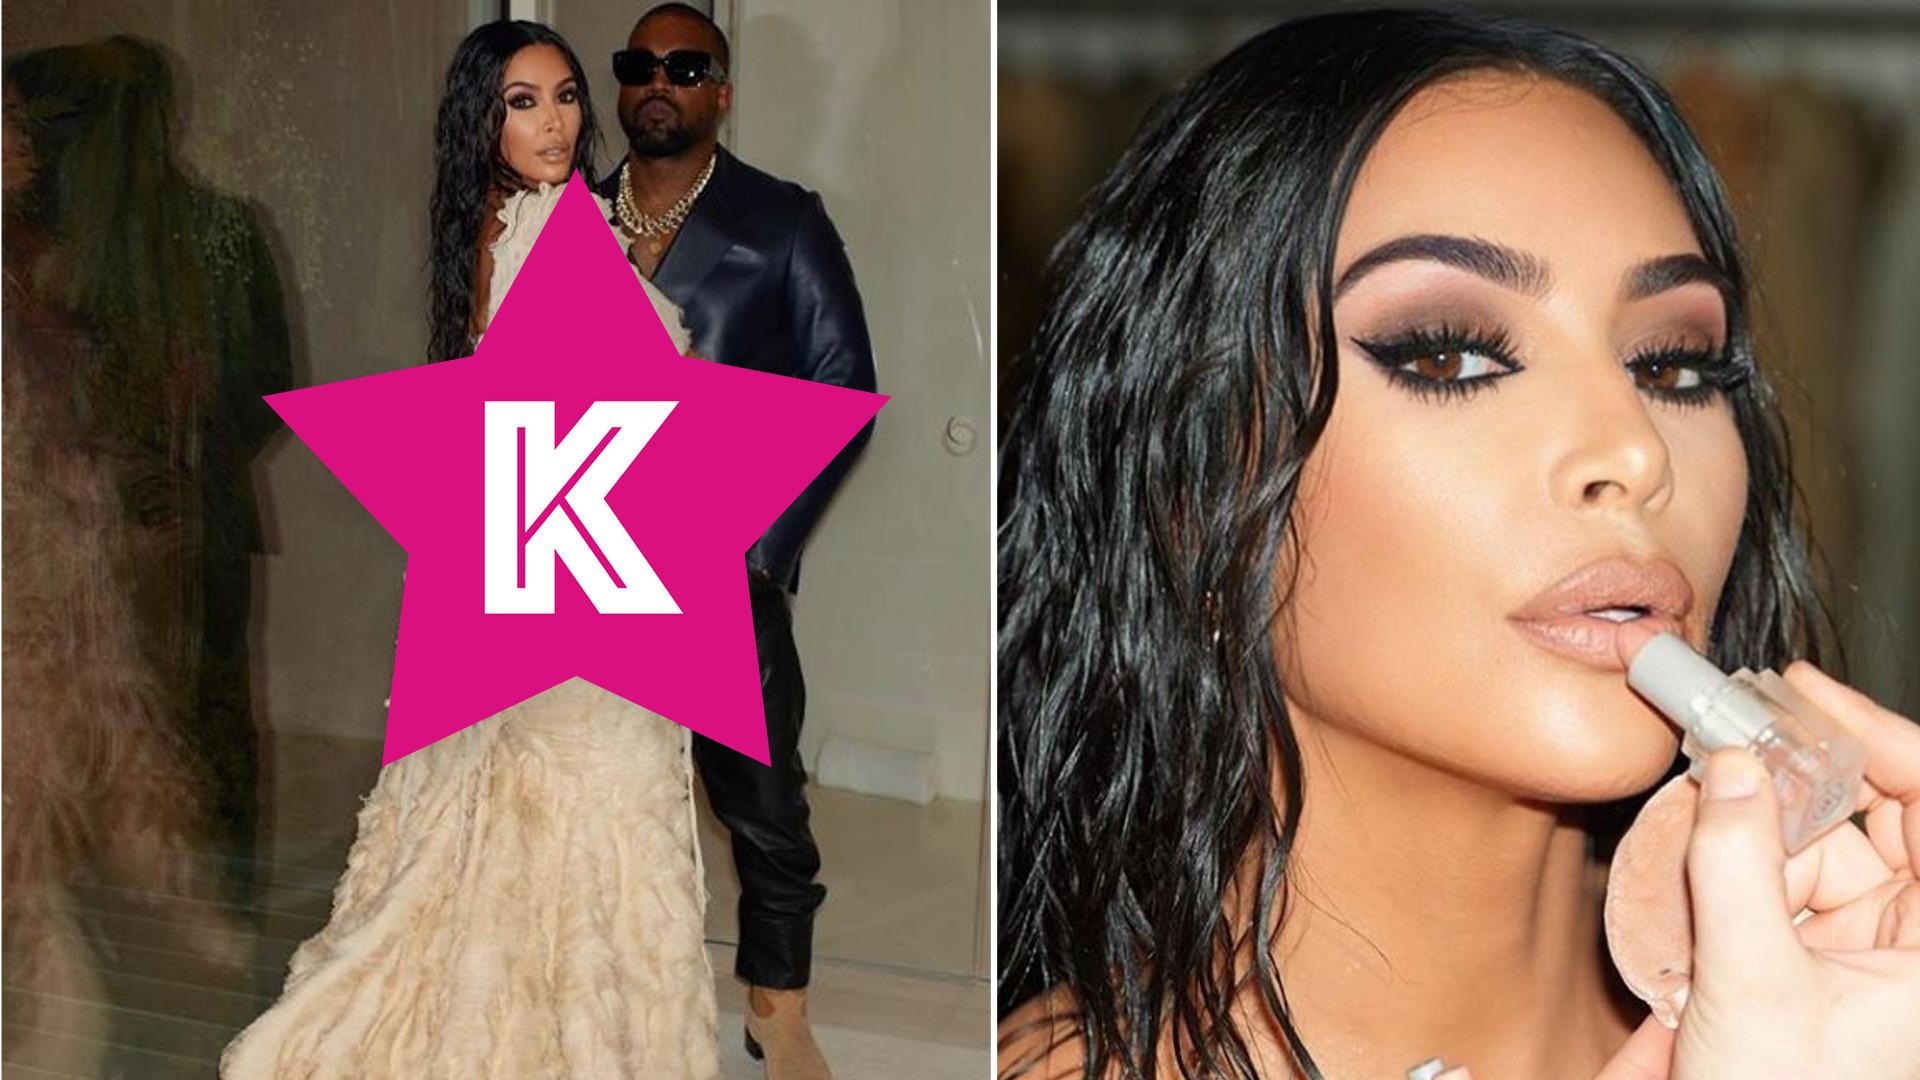 Kim Kardashian nie przepuściłaby takiej okazji do pokazania się. Kardashianka z mężem na imprezie po Oscarach (FOTO)